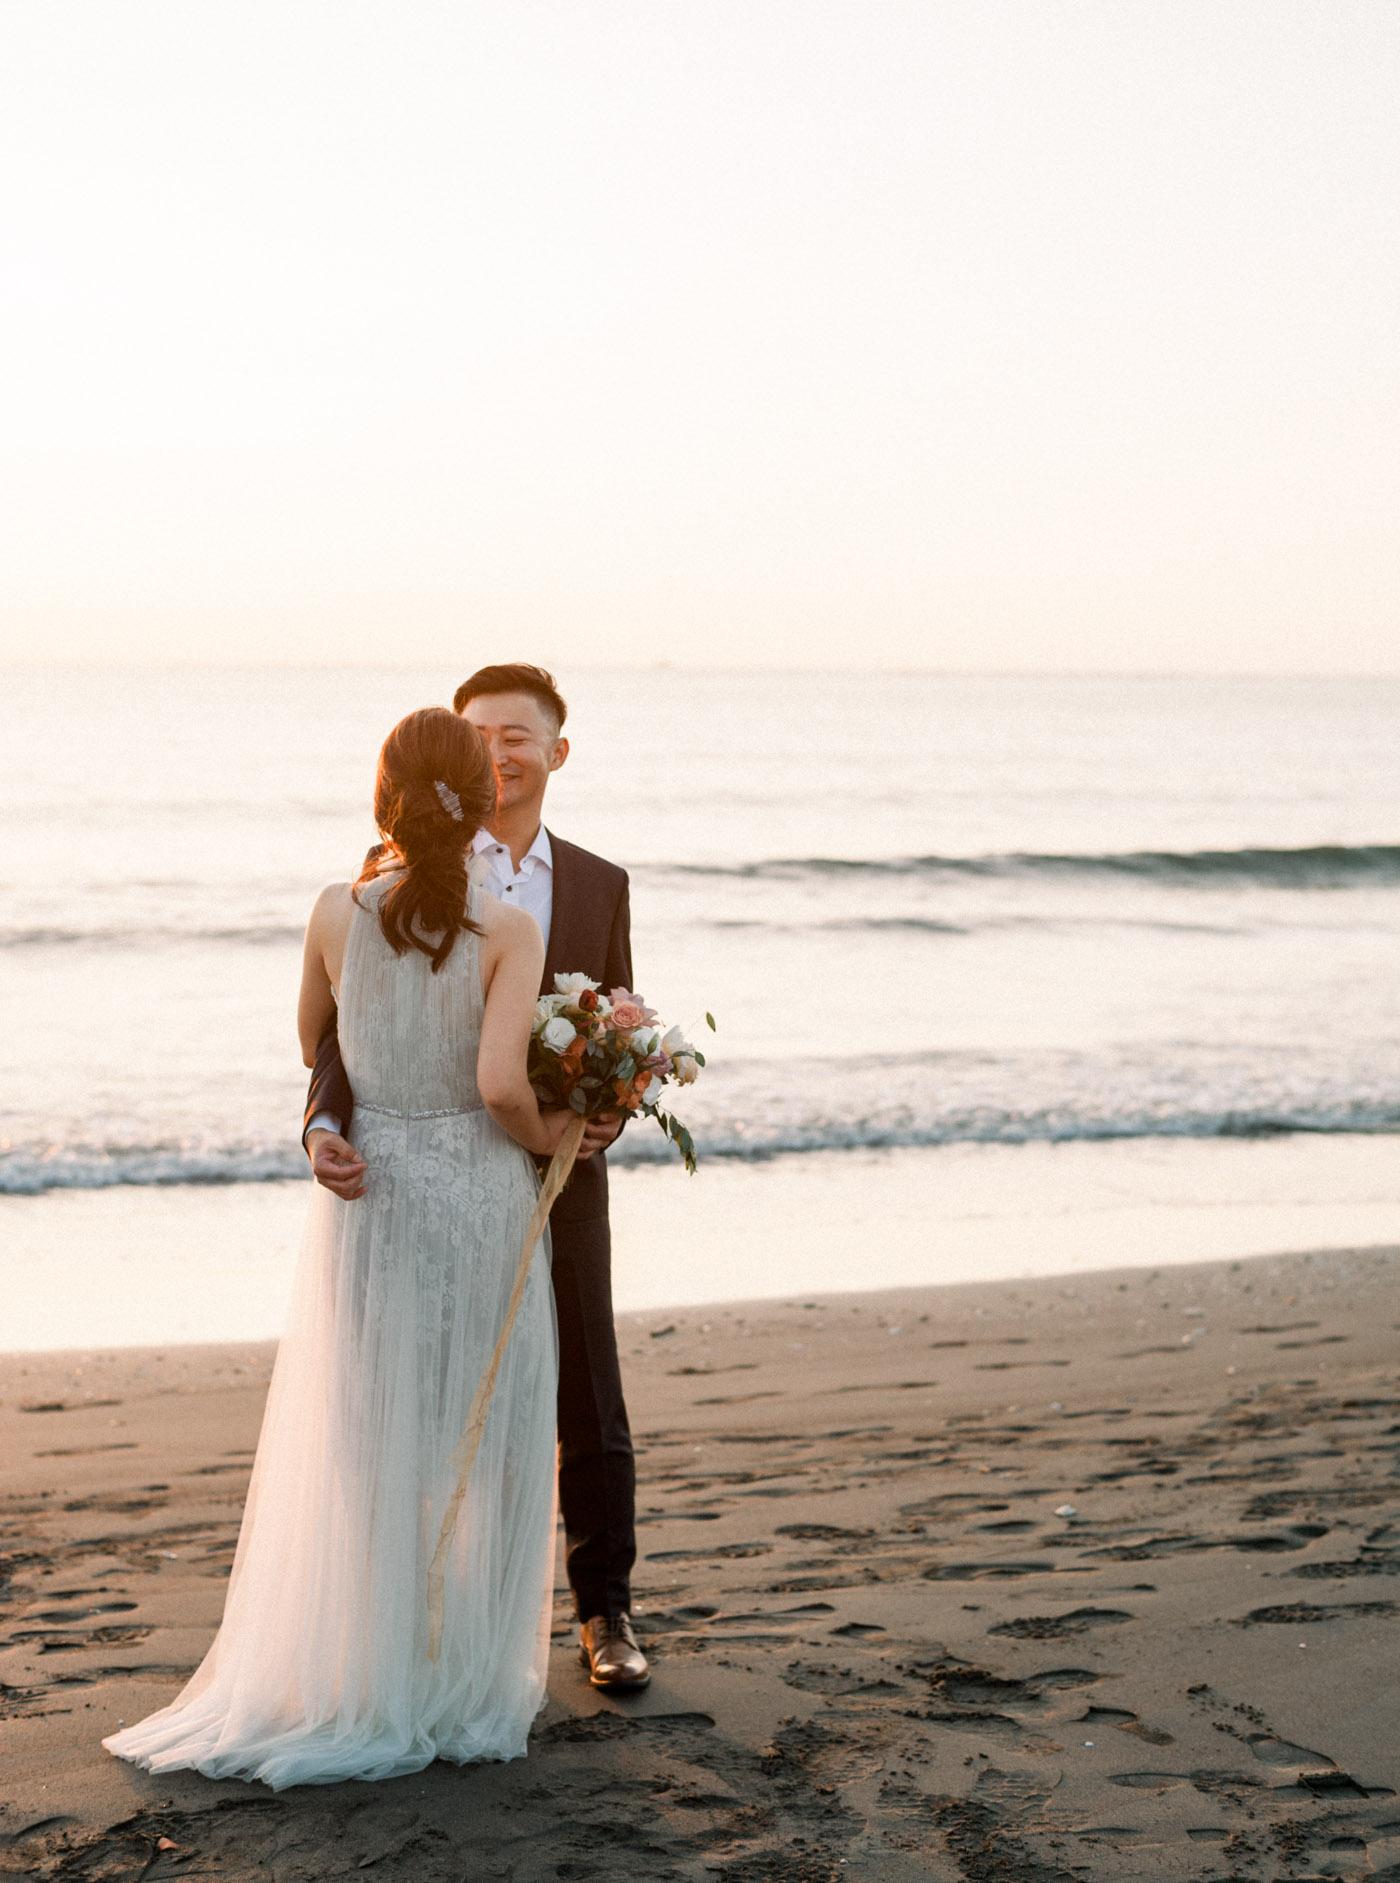 沙灘婚紗-STAGE-底片-Mark-夕陽-唯諾禮服